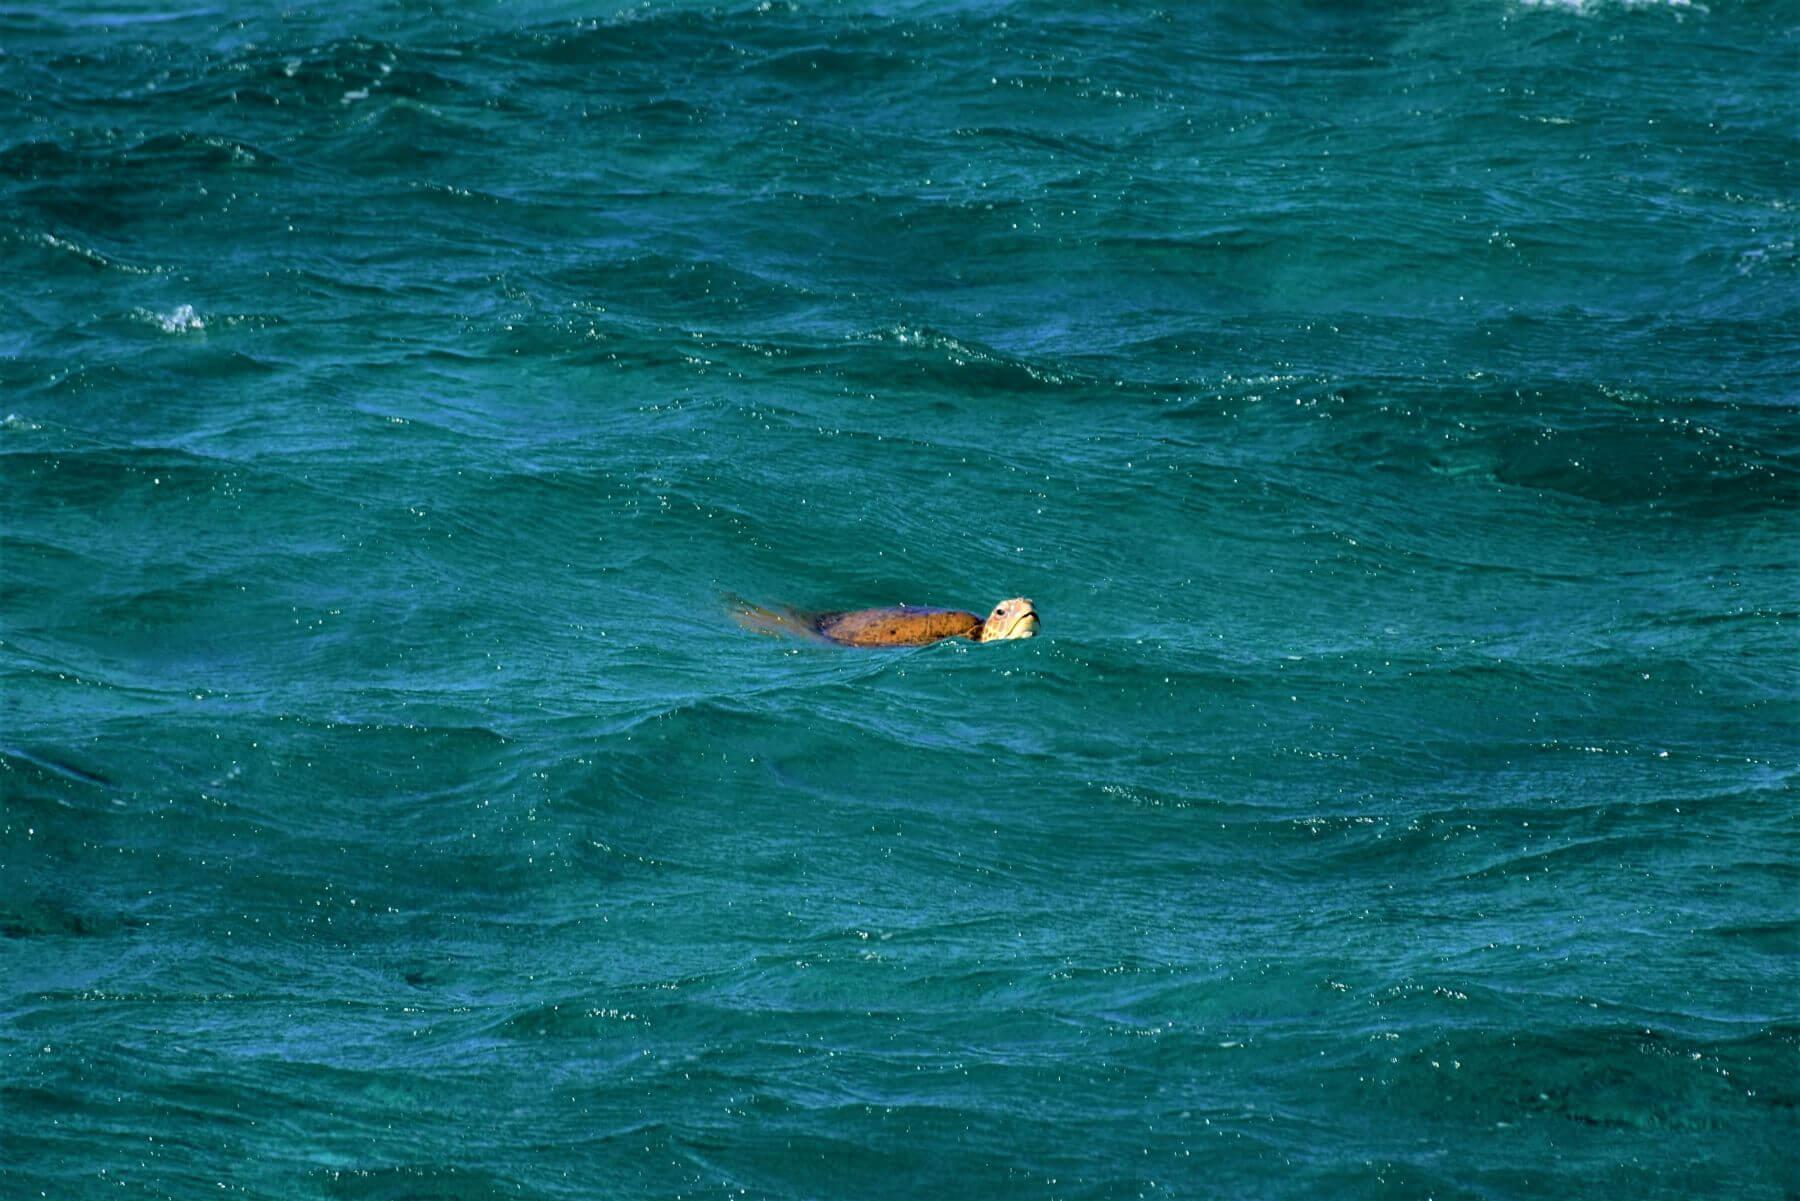 Schwimmende Schildkröte am Ningaloo Reef in Australien